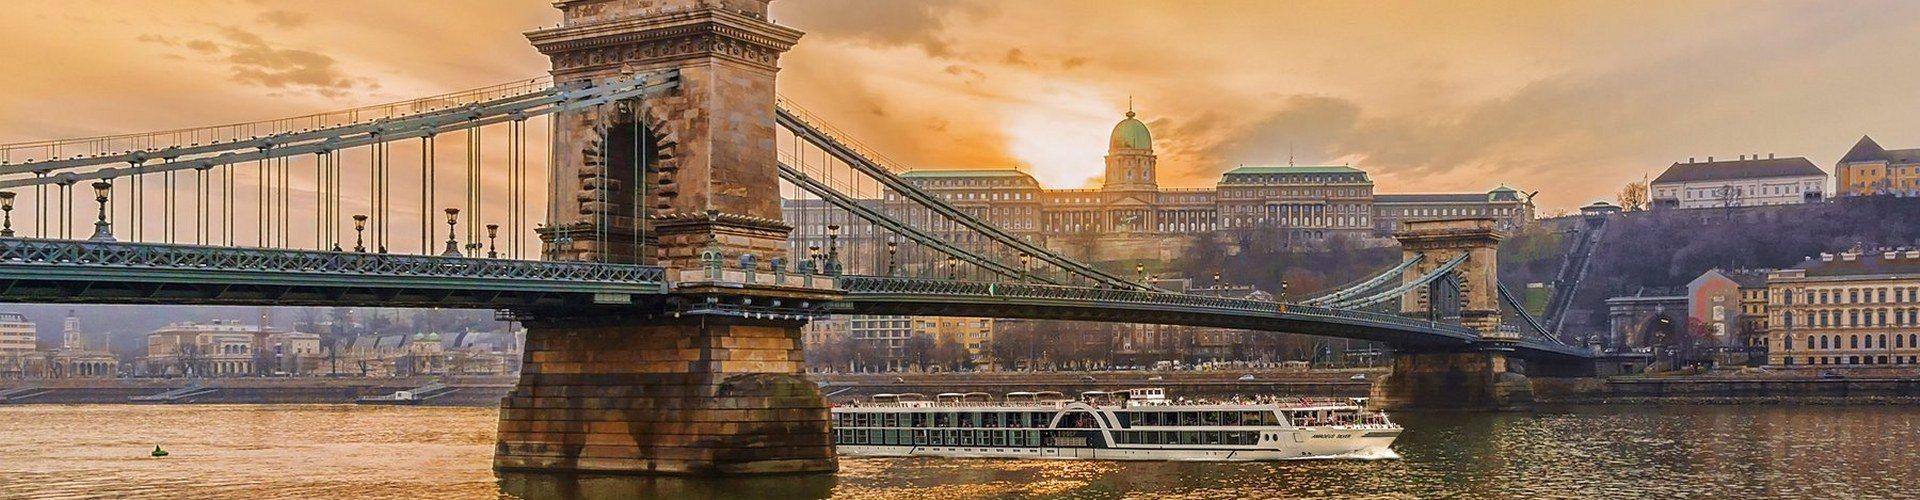 Flusskreuzfahrten auf der Donau